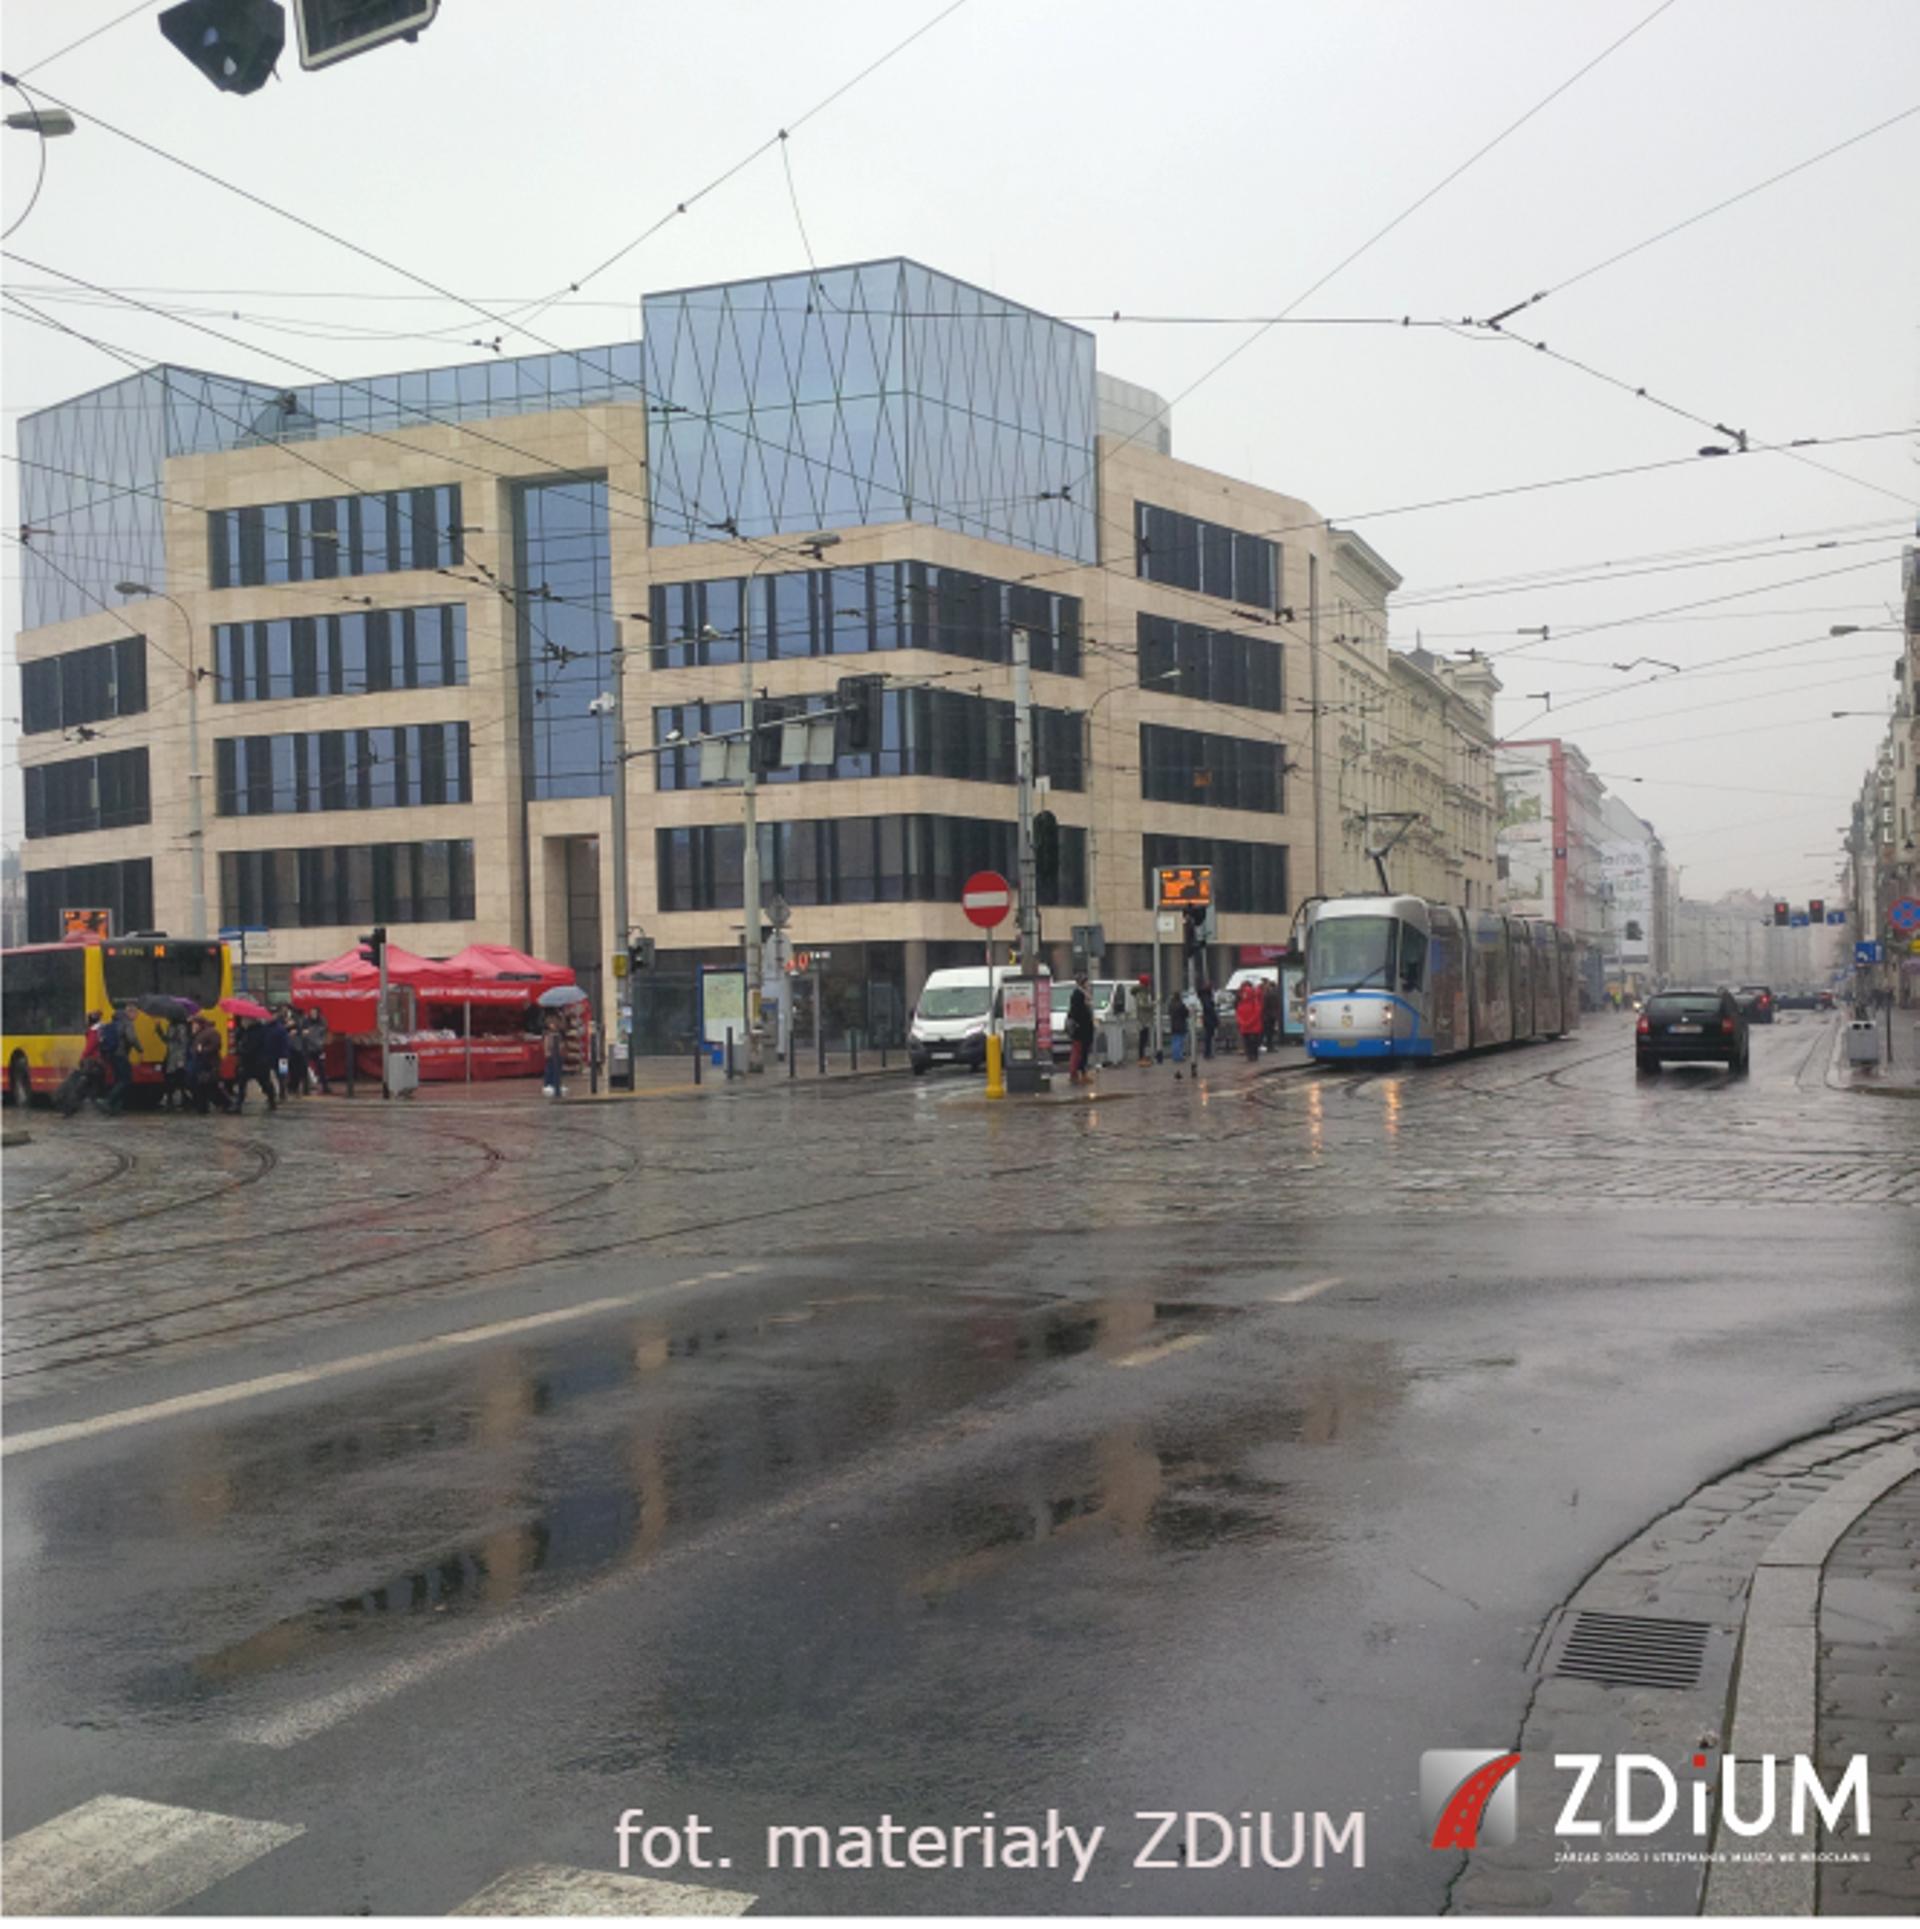 Wrocław: Powstanie nowa trasa rowerowa przy Dworcu Głównym. Miasto dopłaca